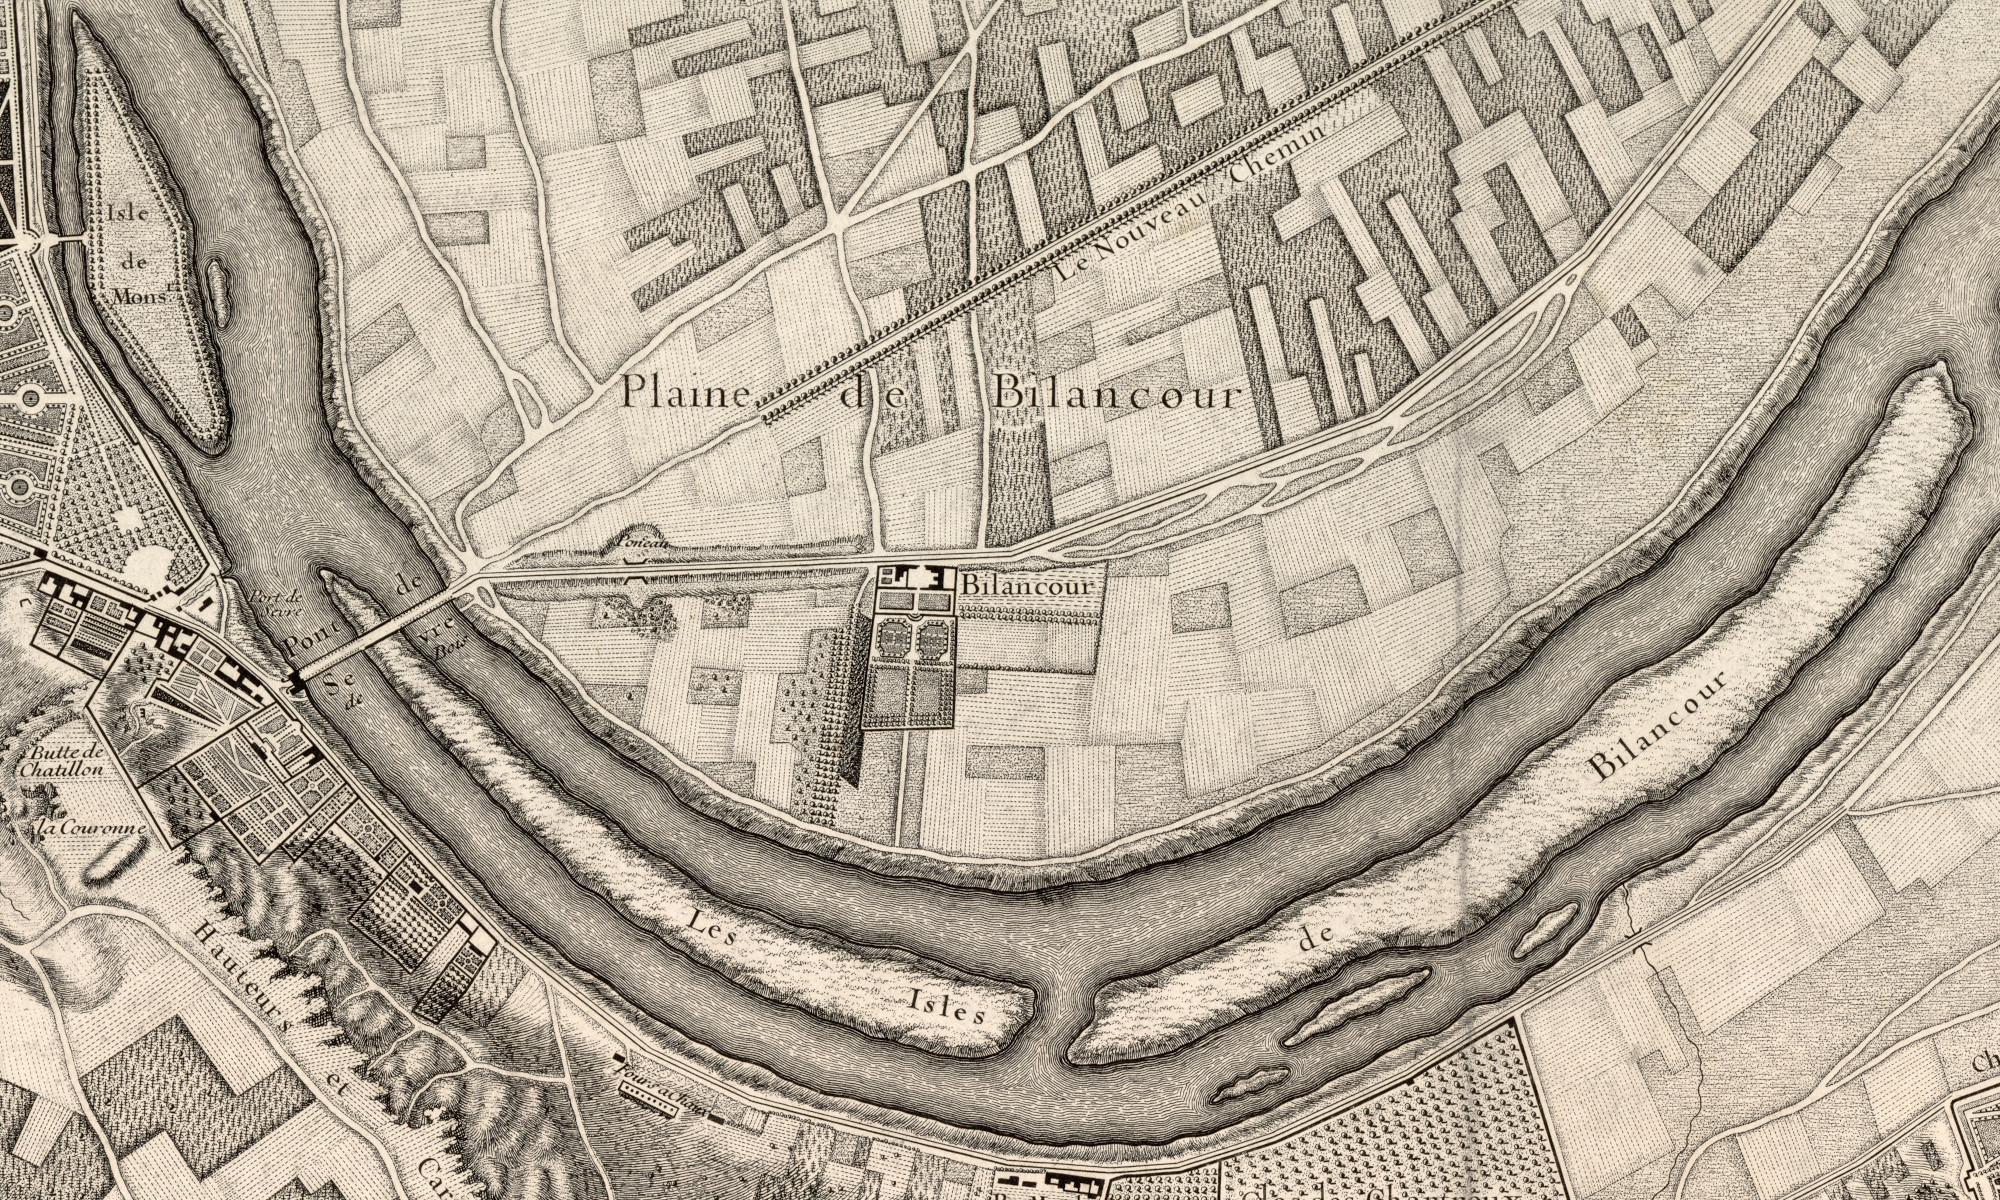 1731 Plan de Roussel - extrait Billancourt